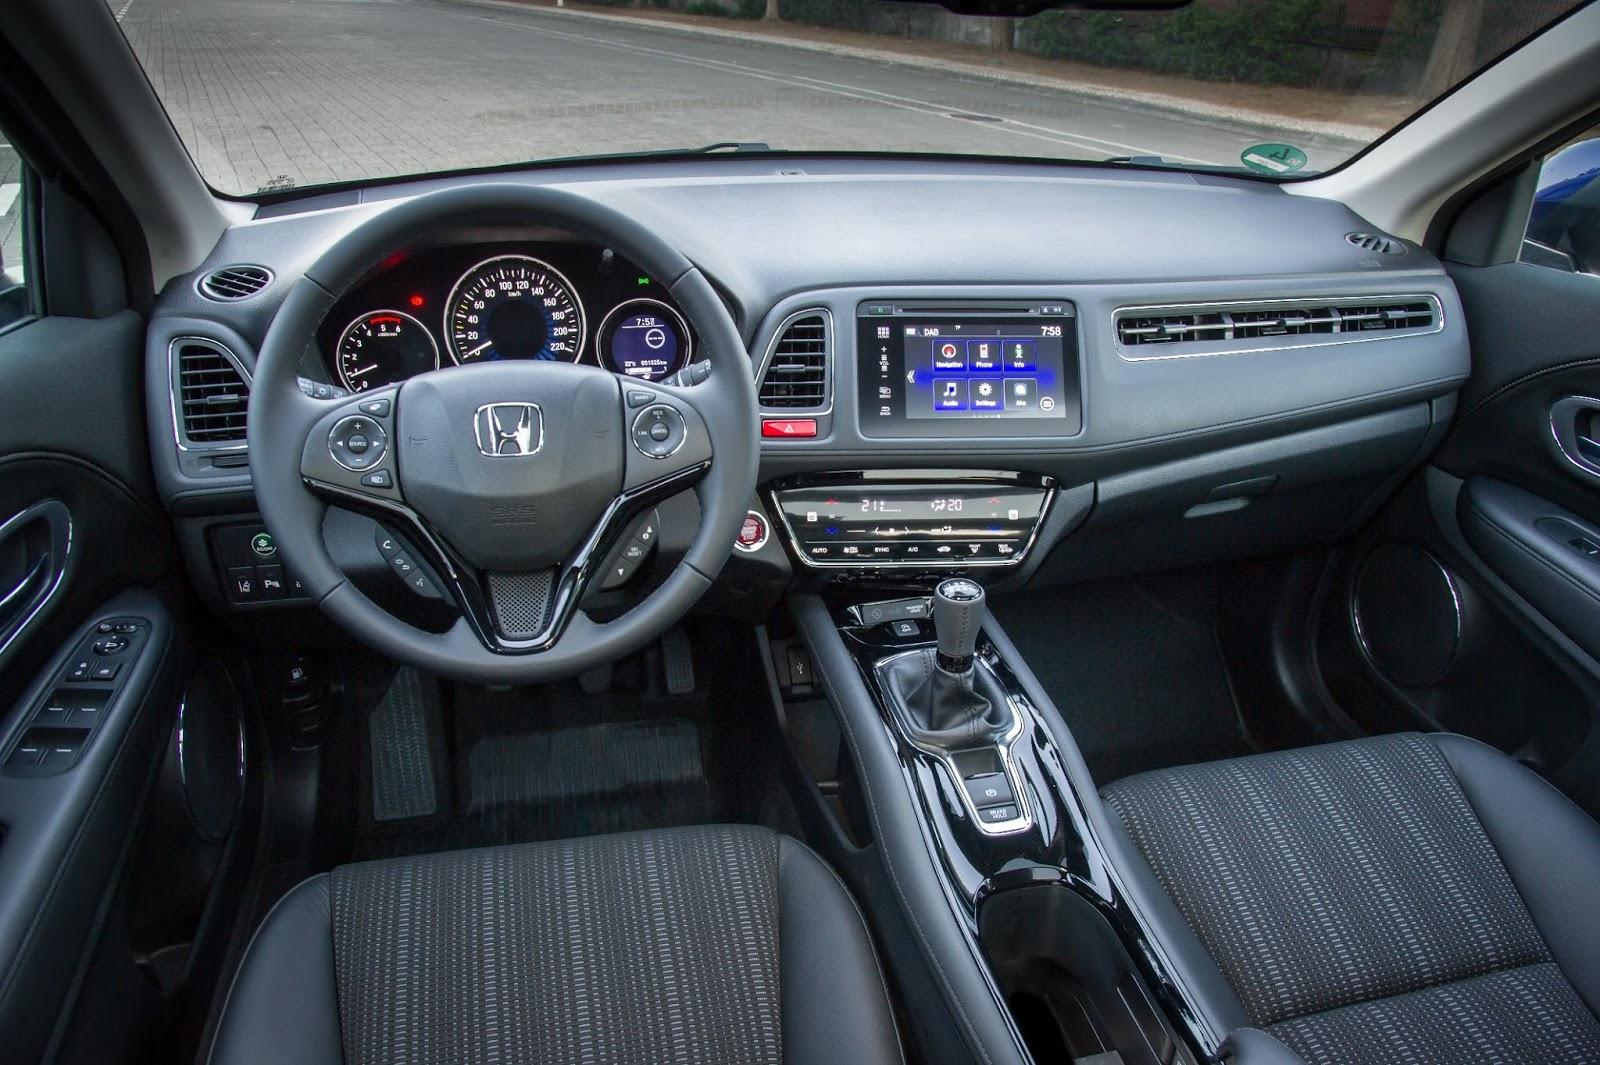 56952 2015 Honda HR V Όλες οι λεπτομέρειες για το νέο Honda HR-V Honda, Honda HR-V, HR-V, SUV